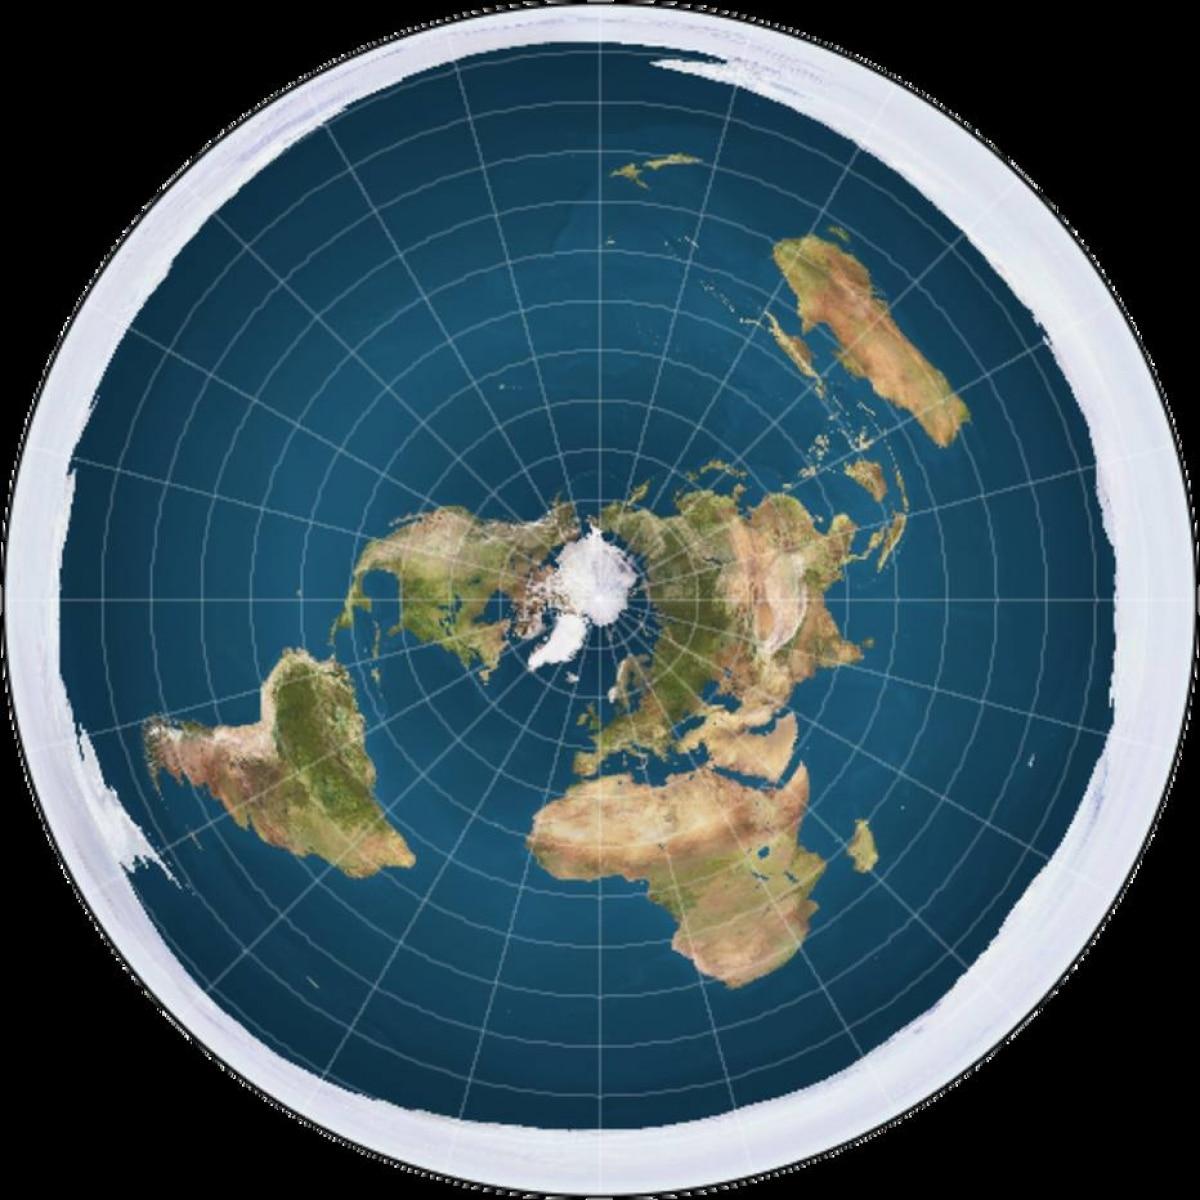 Convenção de terraplanistas define que gravidade 'não existe' - Emais -  Estadão